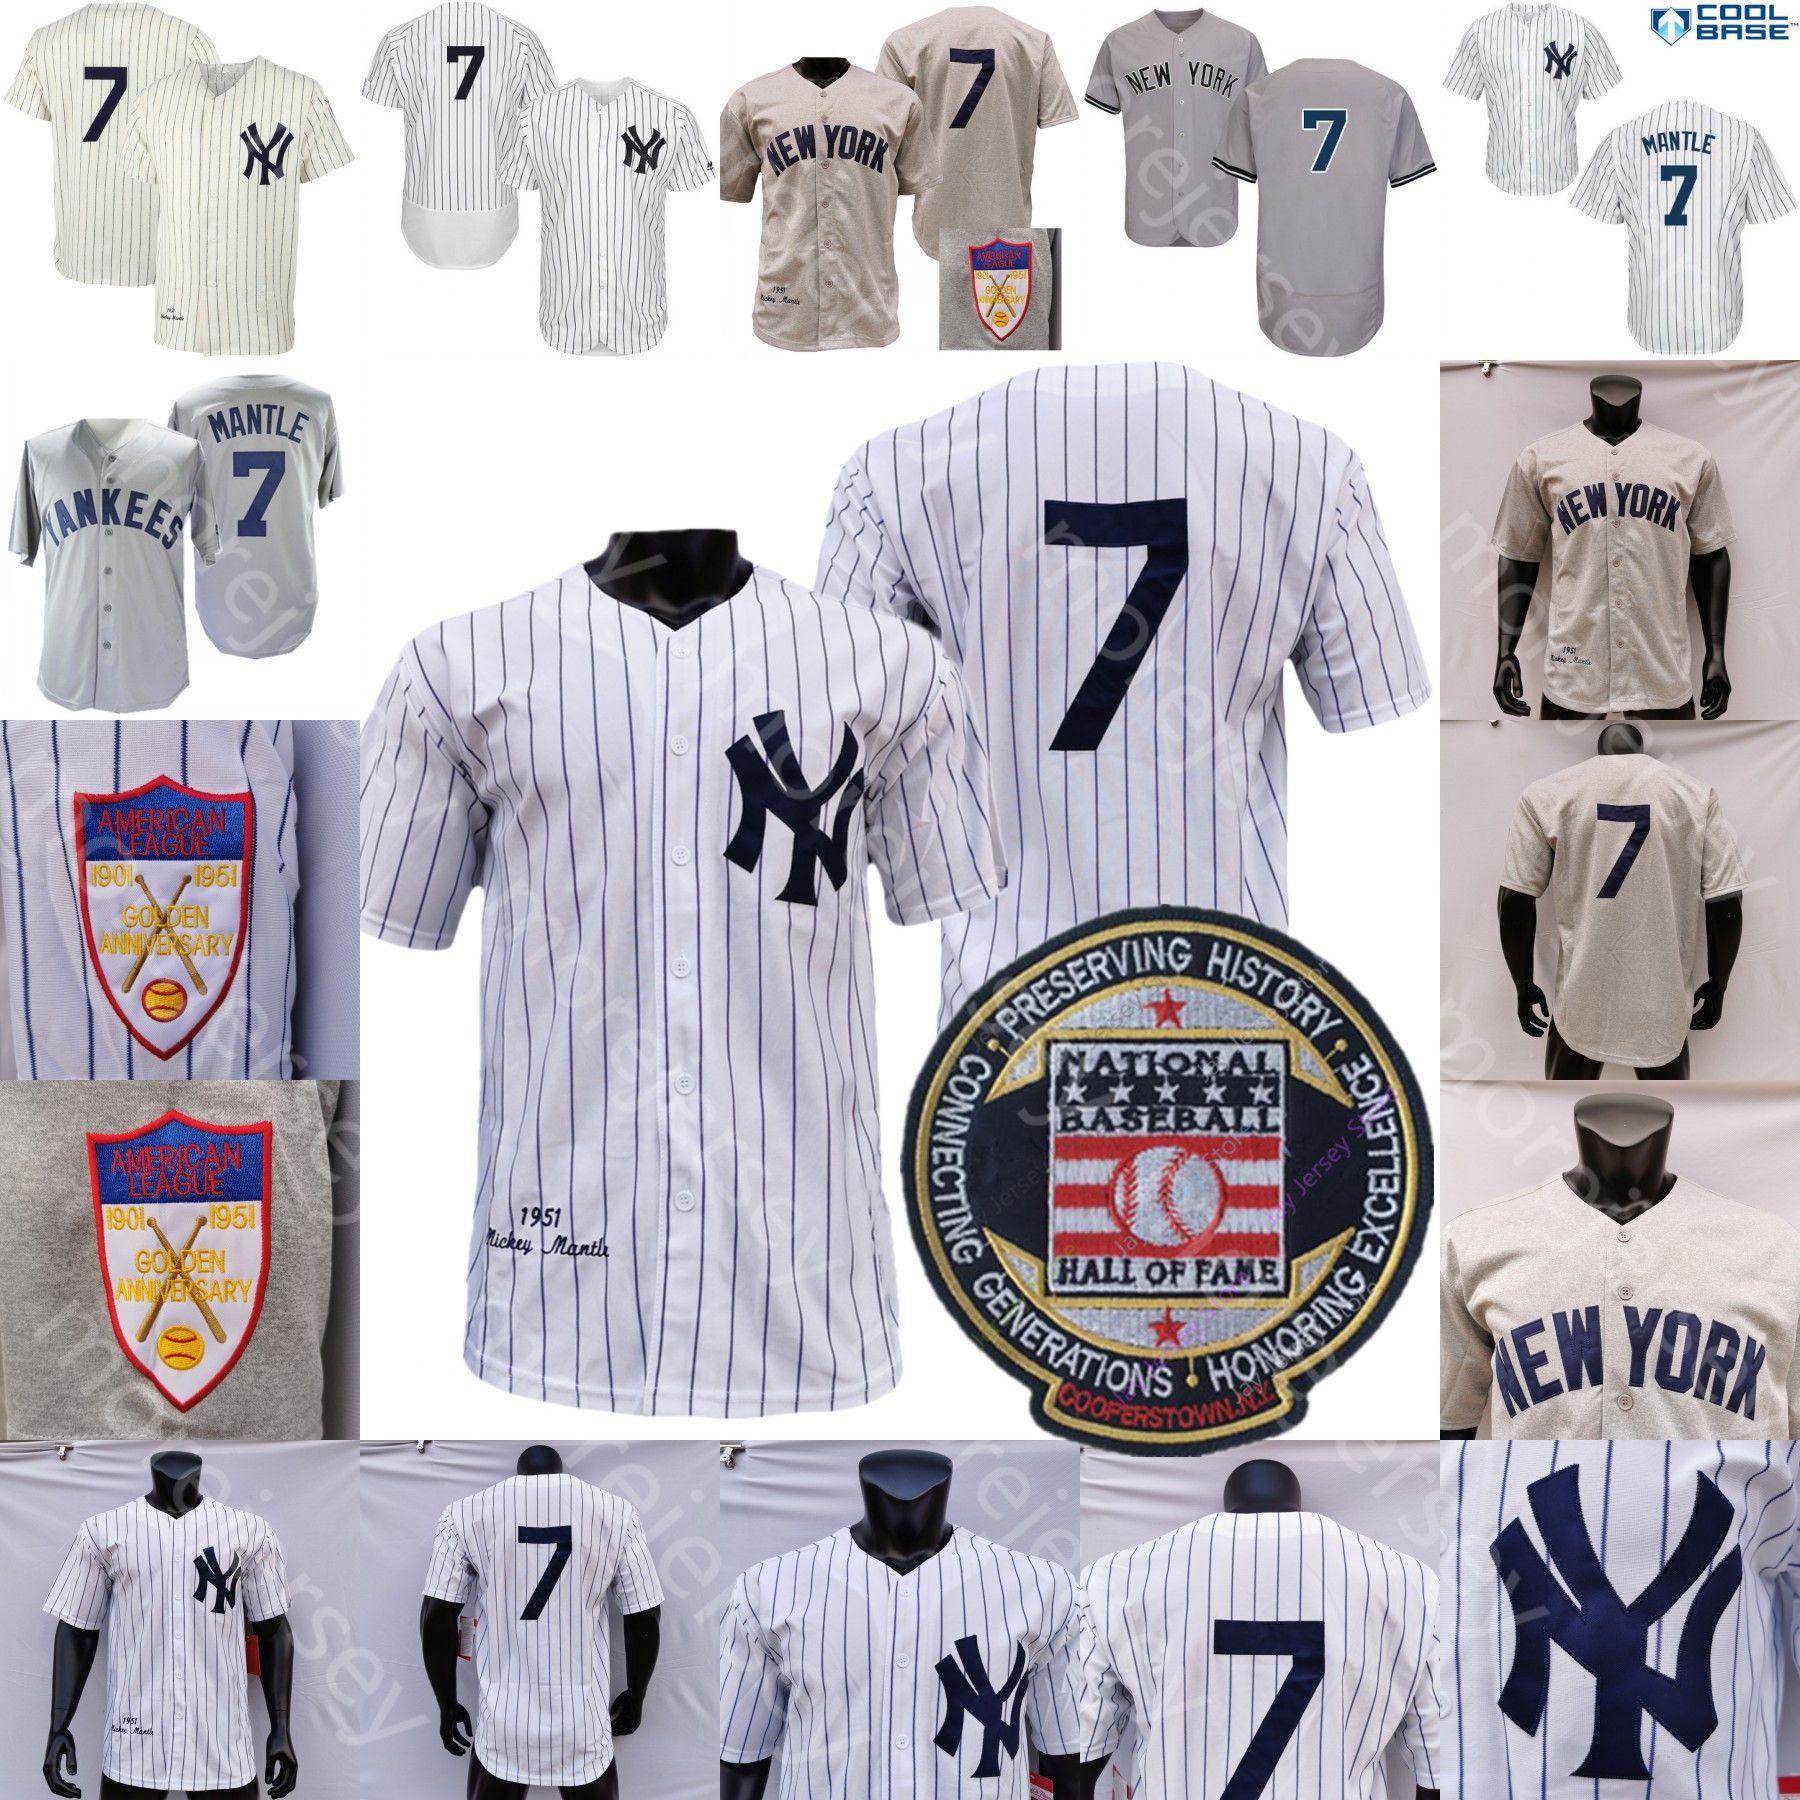 Manto Jersey Coopers-città 1951 Baseball Hall of Fame Bianco Crema gessato Canapa-grigio In casa Fuori Tutto Sttiched Formato degli uomini M-3XL